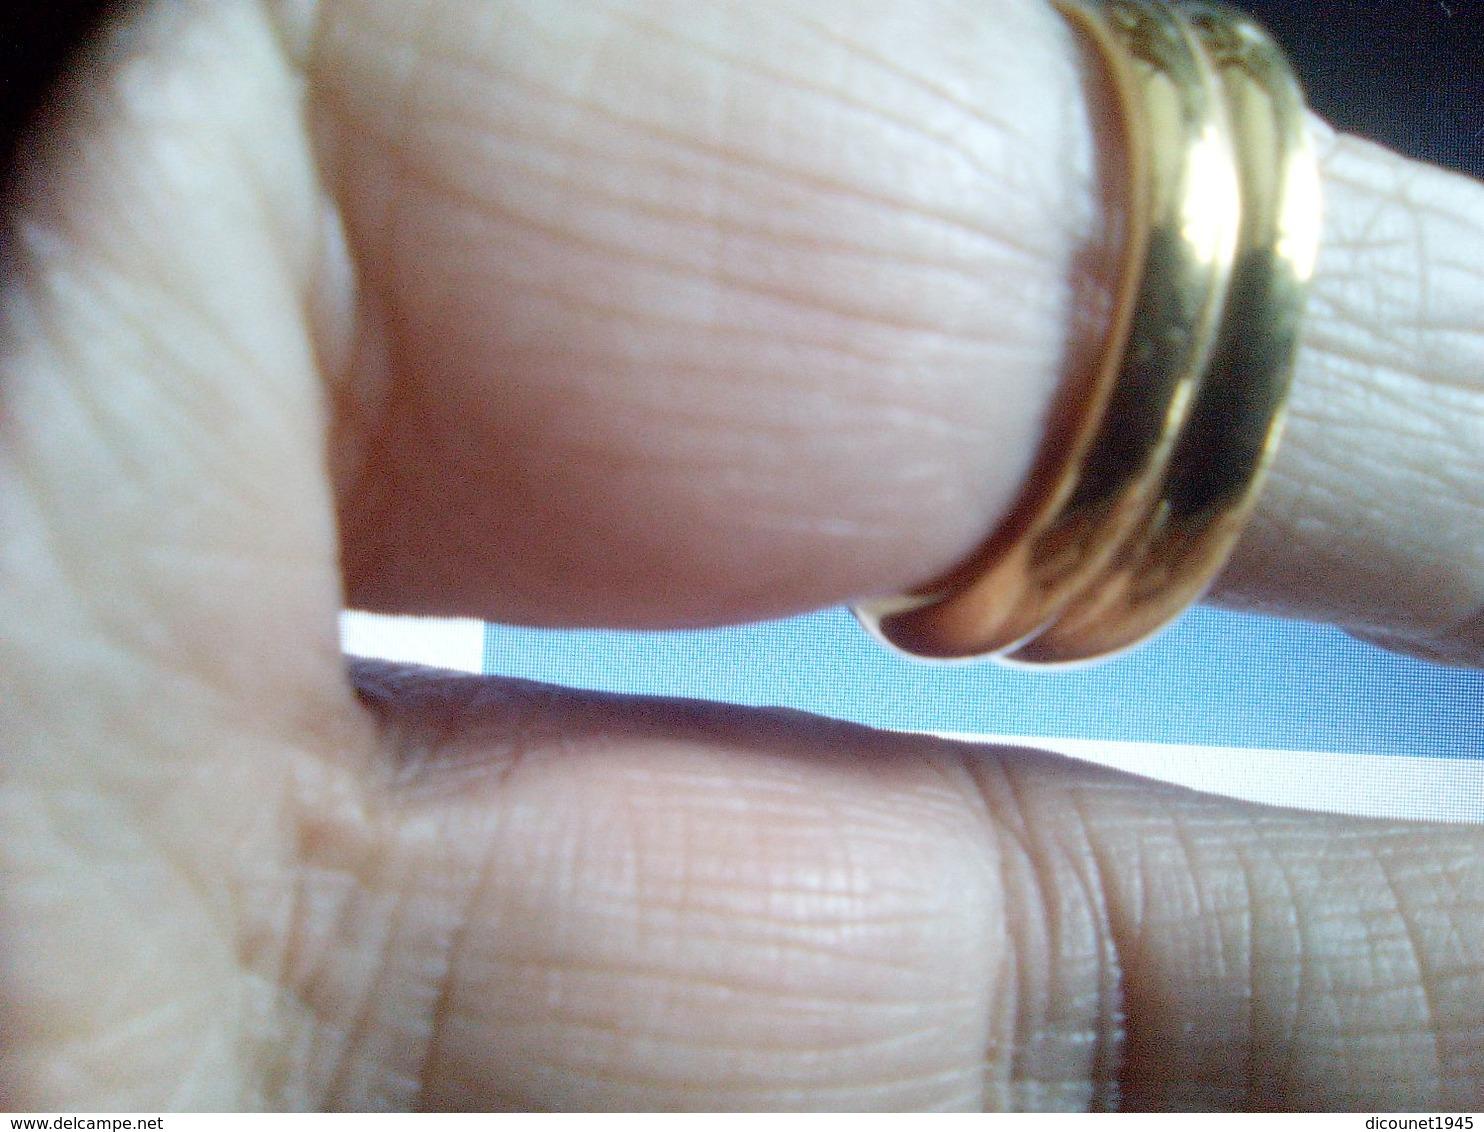 BAGUE TORSADEE AVEC PETITS DIAMANTS ET PETITS RUBIS MONTES SUR OR JAUNE 2 POINCONS POIDS 8 GR - Rings